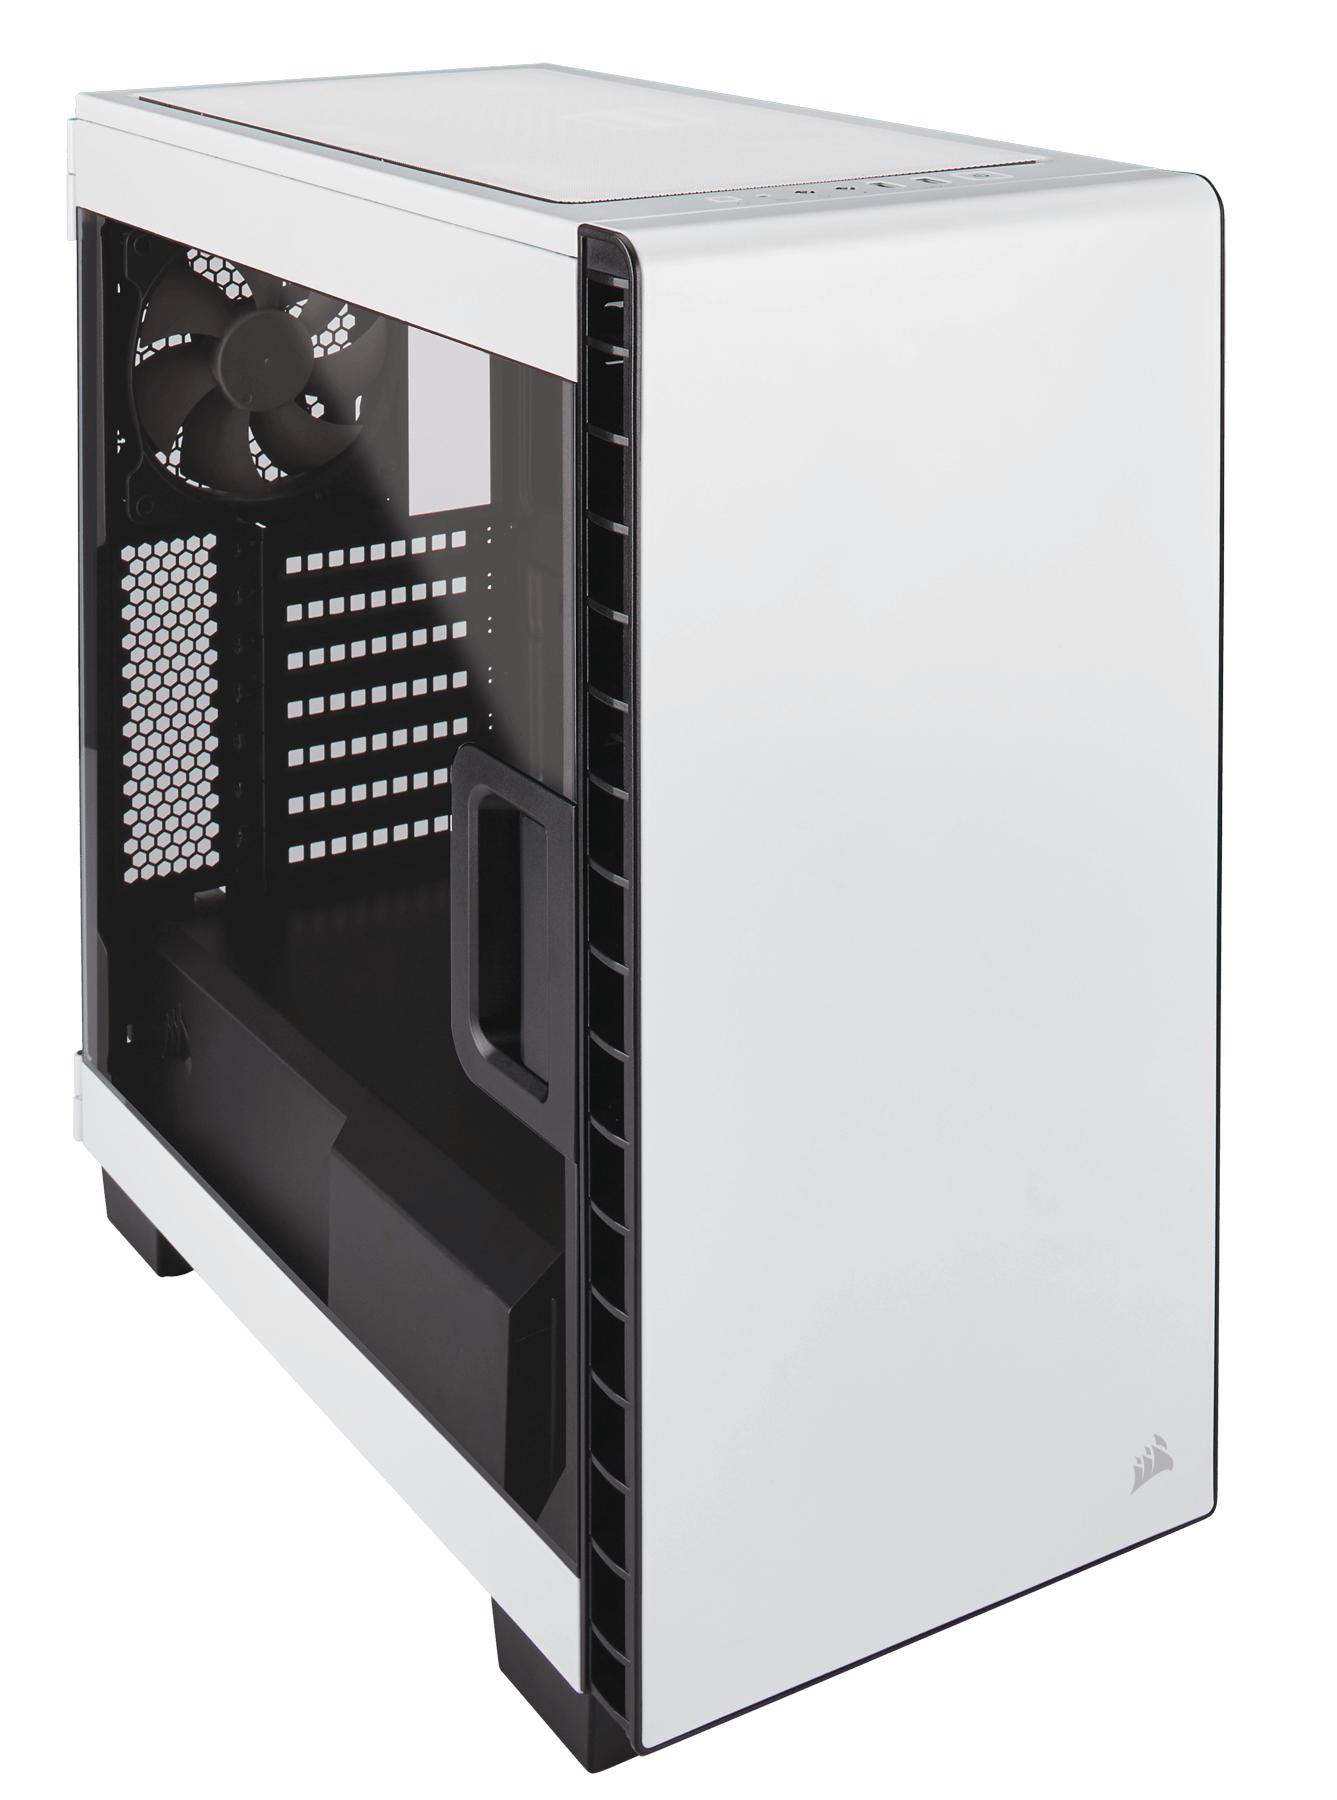 Corsair Carbide Clear 400C Midi-Tower White computer case